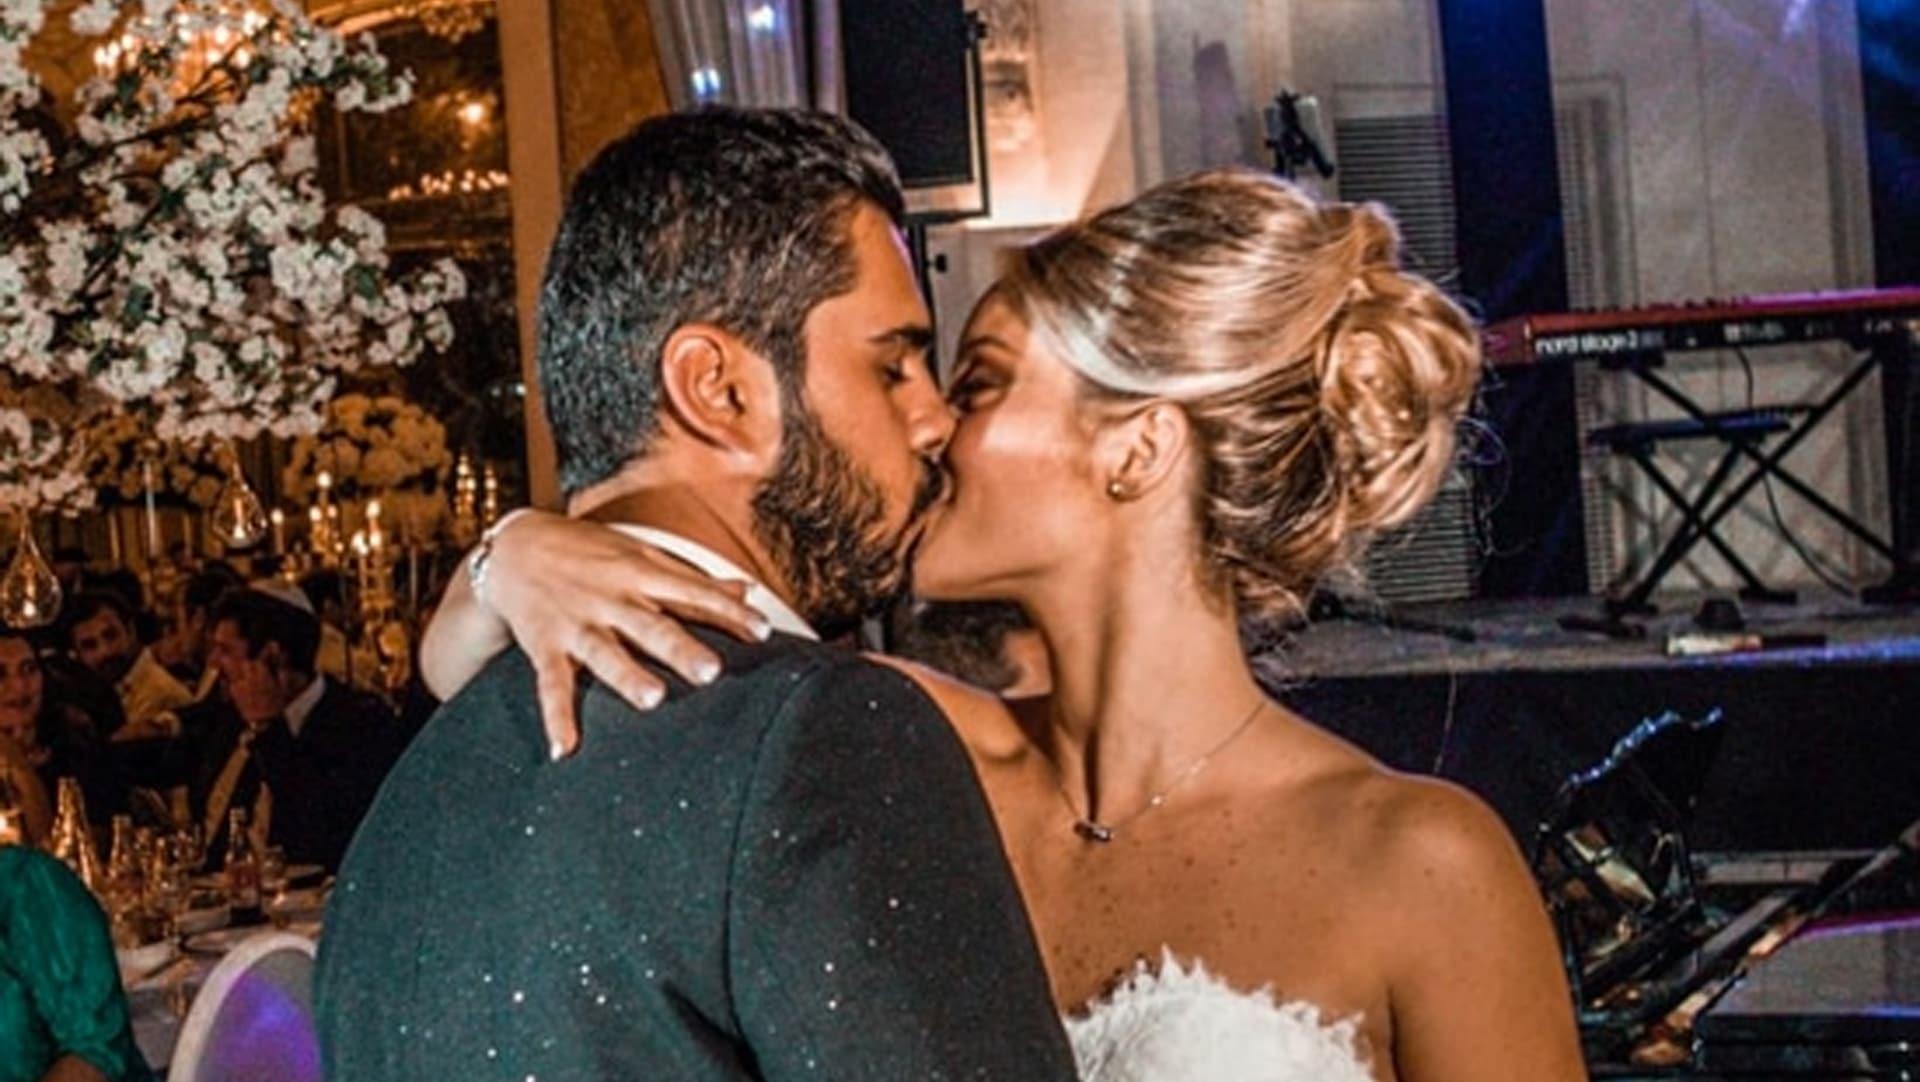 louer_un_photobooth_pour_son_mariage